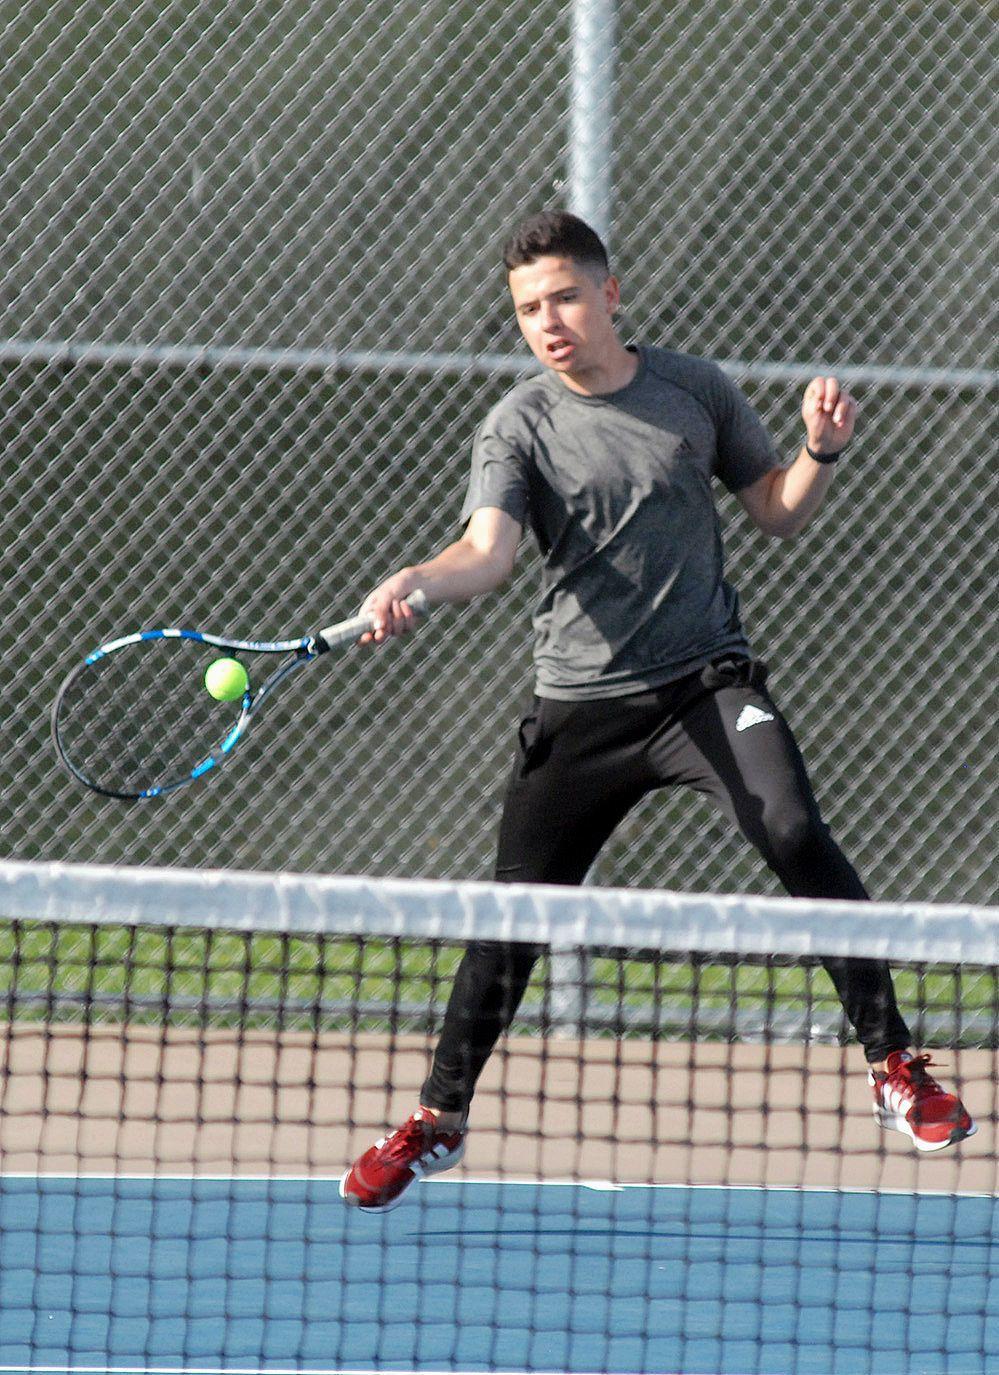 Ohlmeier, Vanuchi, Gasper qualify for state tennis tourney